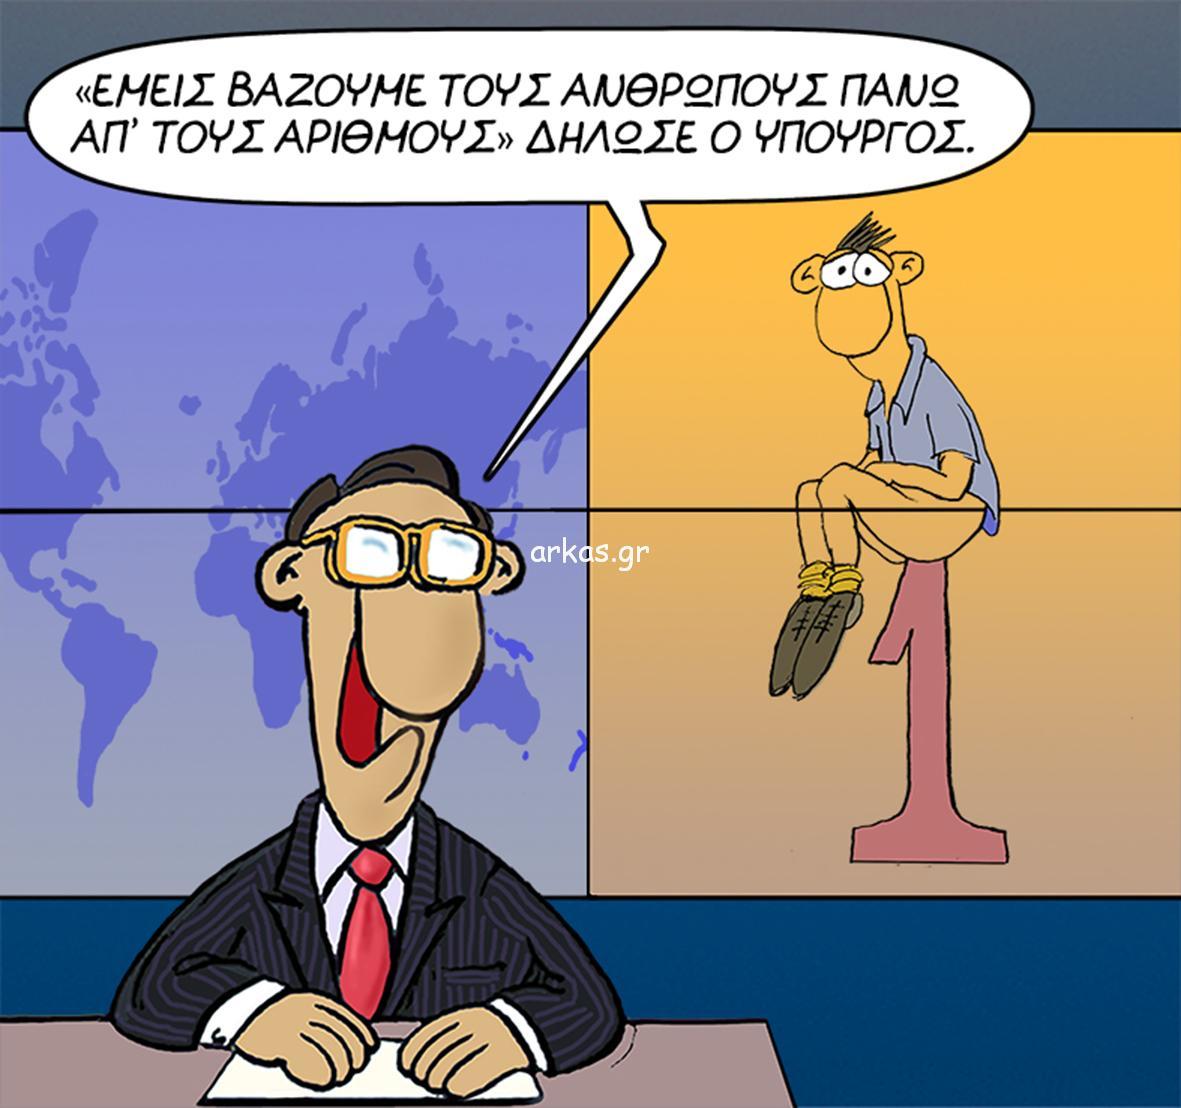 Ο Αρκάς «ξαναχτύπησε»: Νέο σκίτσο κατά της κυβέρνησης Μητσοτάκη